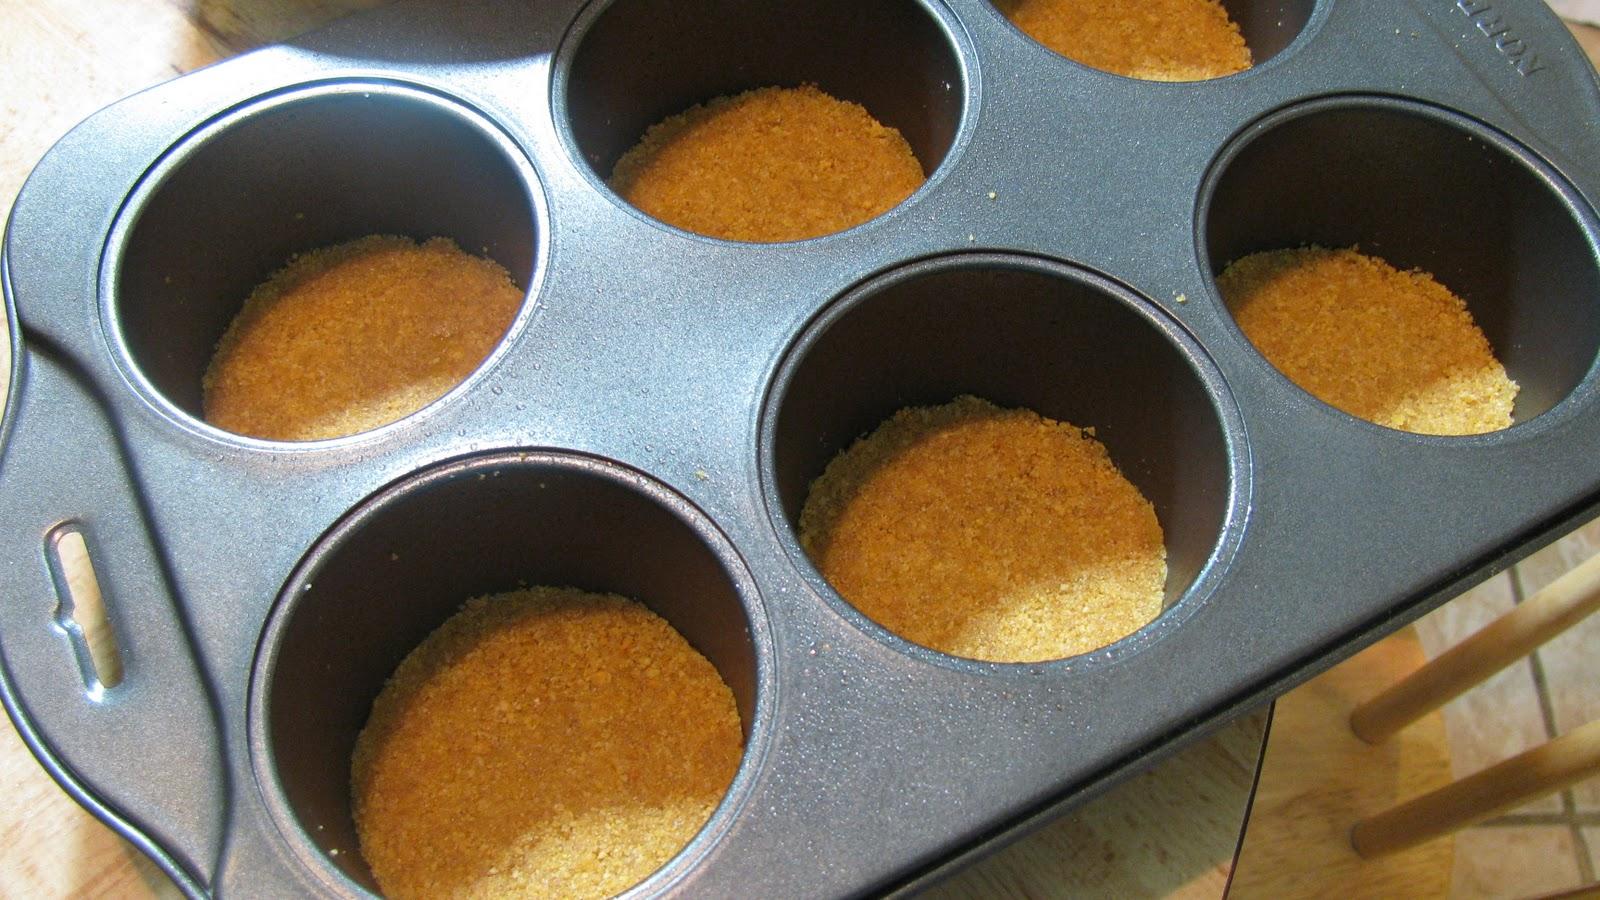 how to use mini cheese cake pan